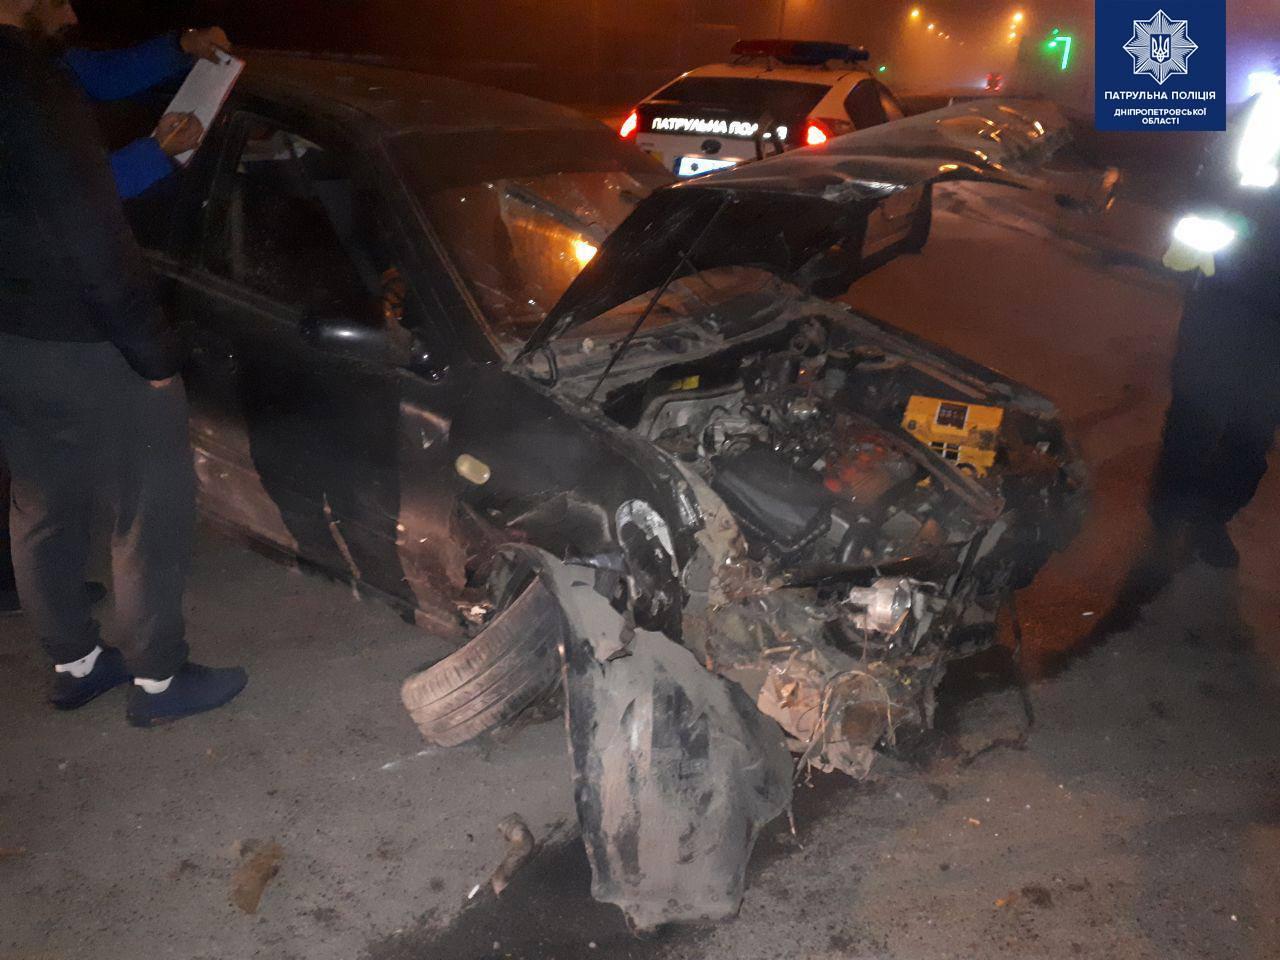 В Днепре автомобиль снес ограждение: улики спрятали в кустах. Новости Днепра